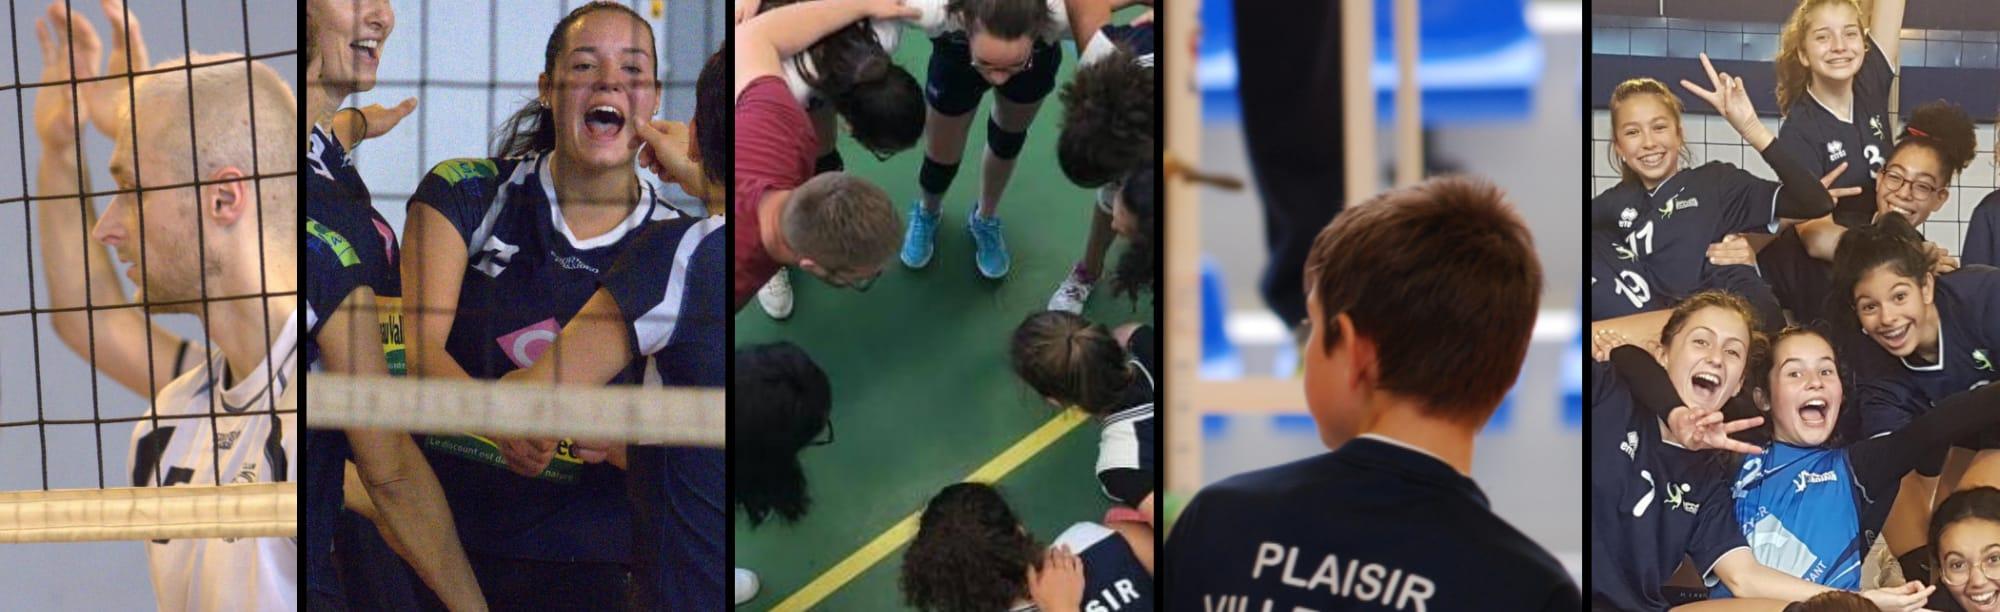 Volley-Club Plaisir-Villepreux